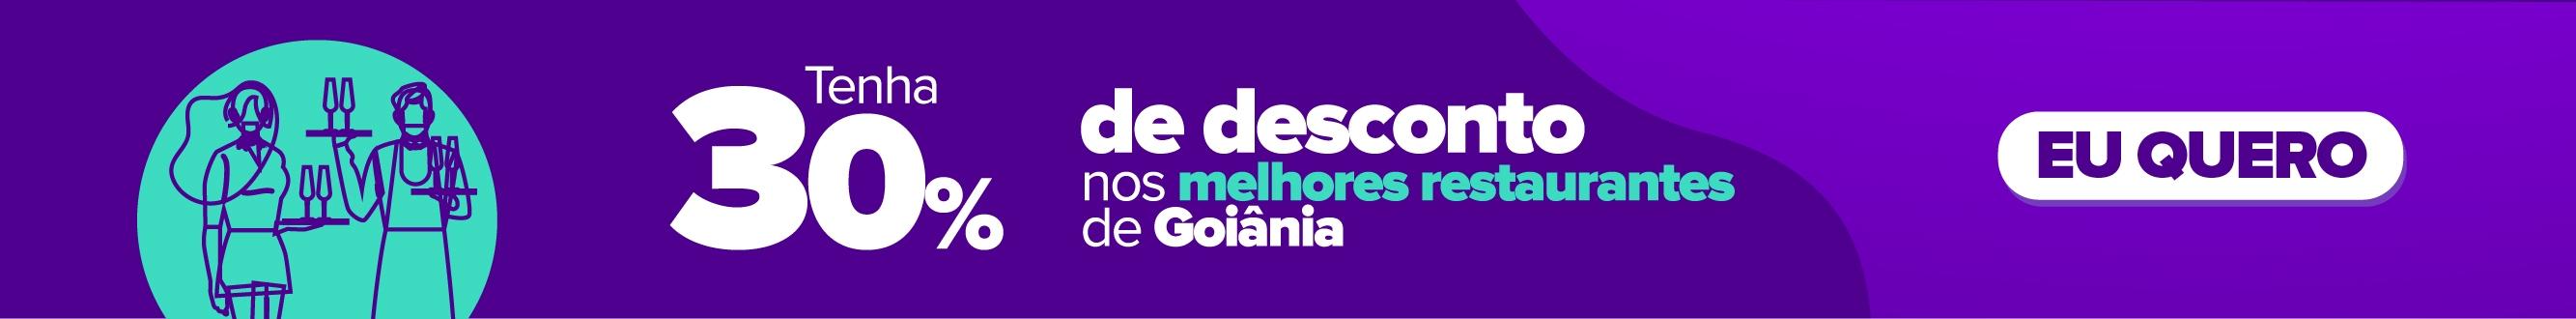 Clube Curta Mais - Melhores Restaurantes de Goiânia com 30% de desconto